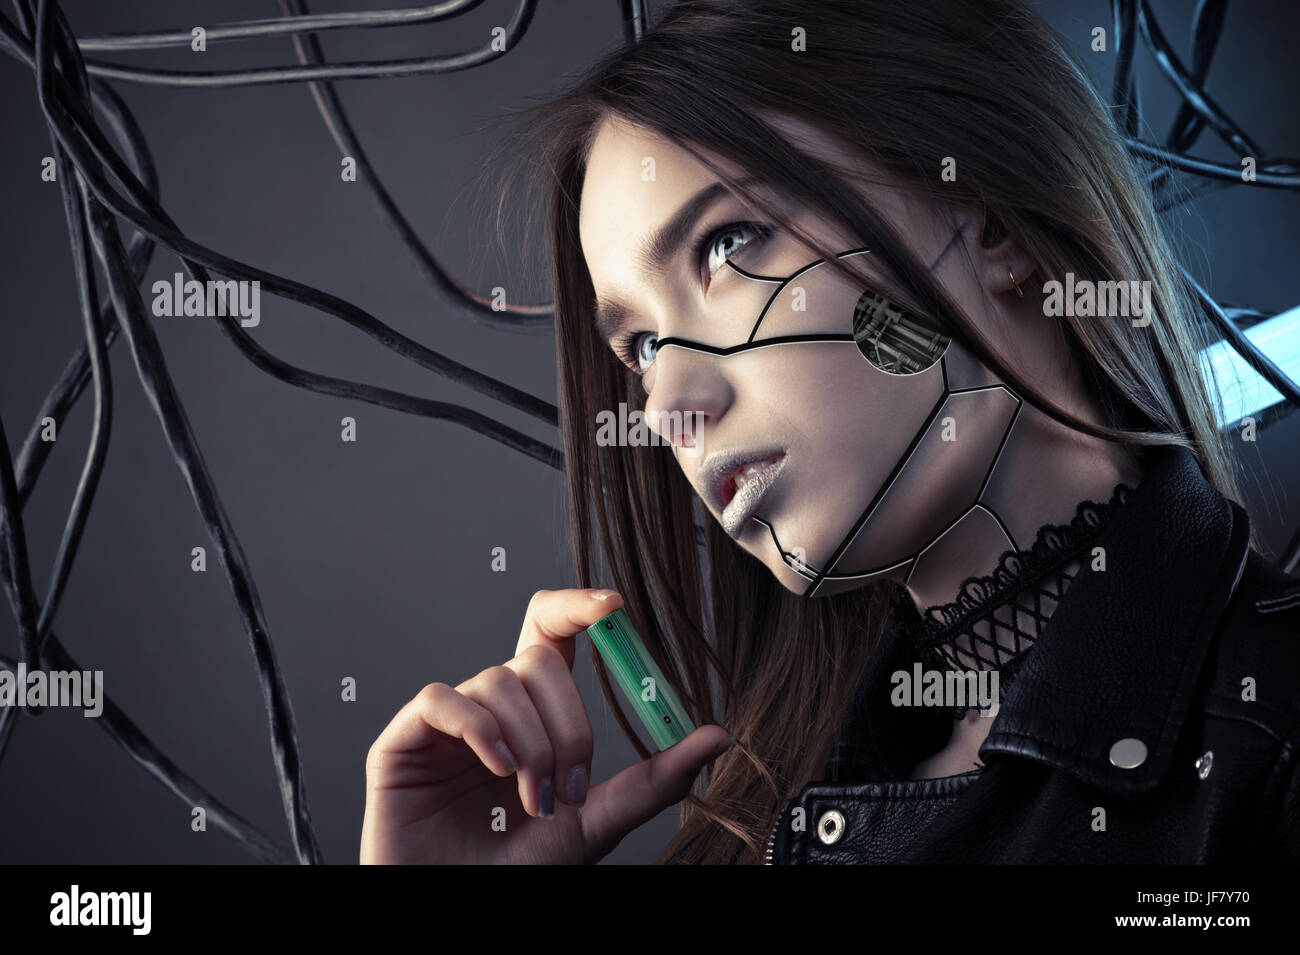 Encantador robot chica con maquillaje estilo cyberpunk batería sosteniendo en la mano, el concepto de ahorro Imagen De Stock